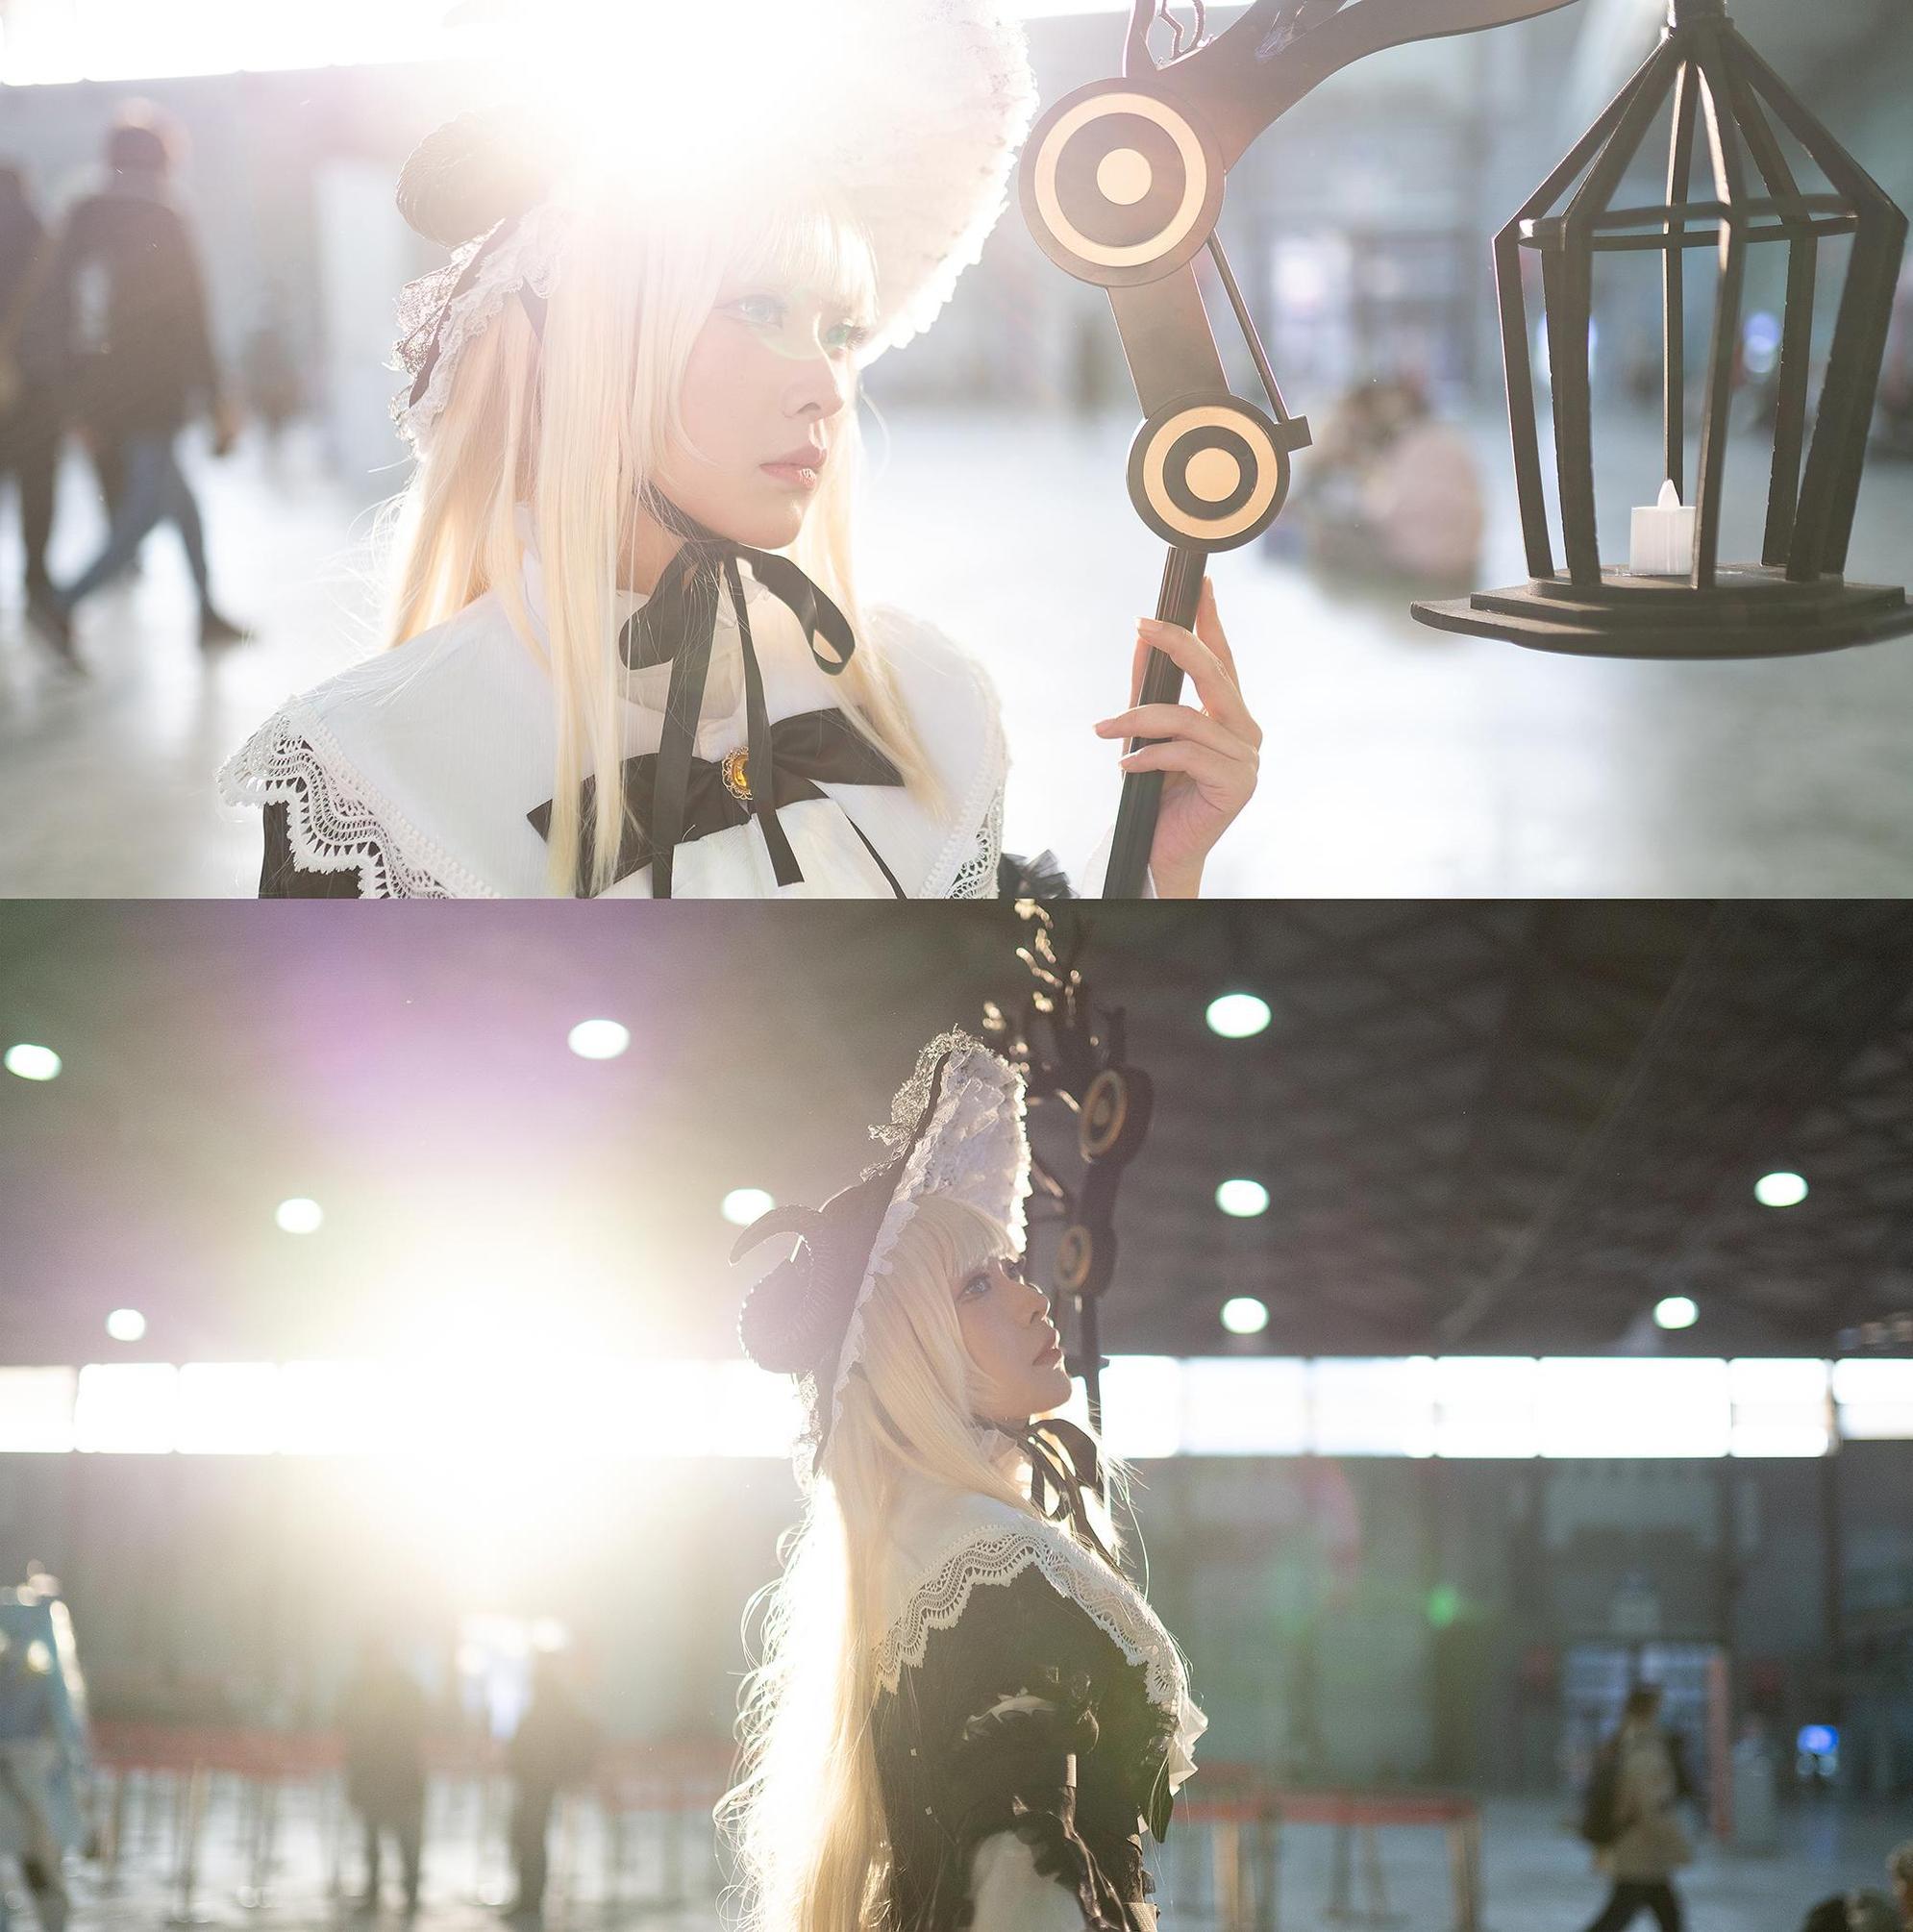 《明日方舟》漫展cosplay【CN:狄斯旎】-第8张